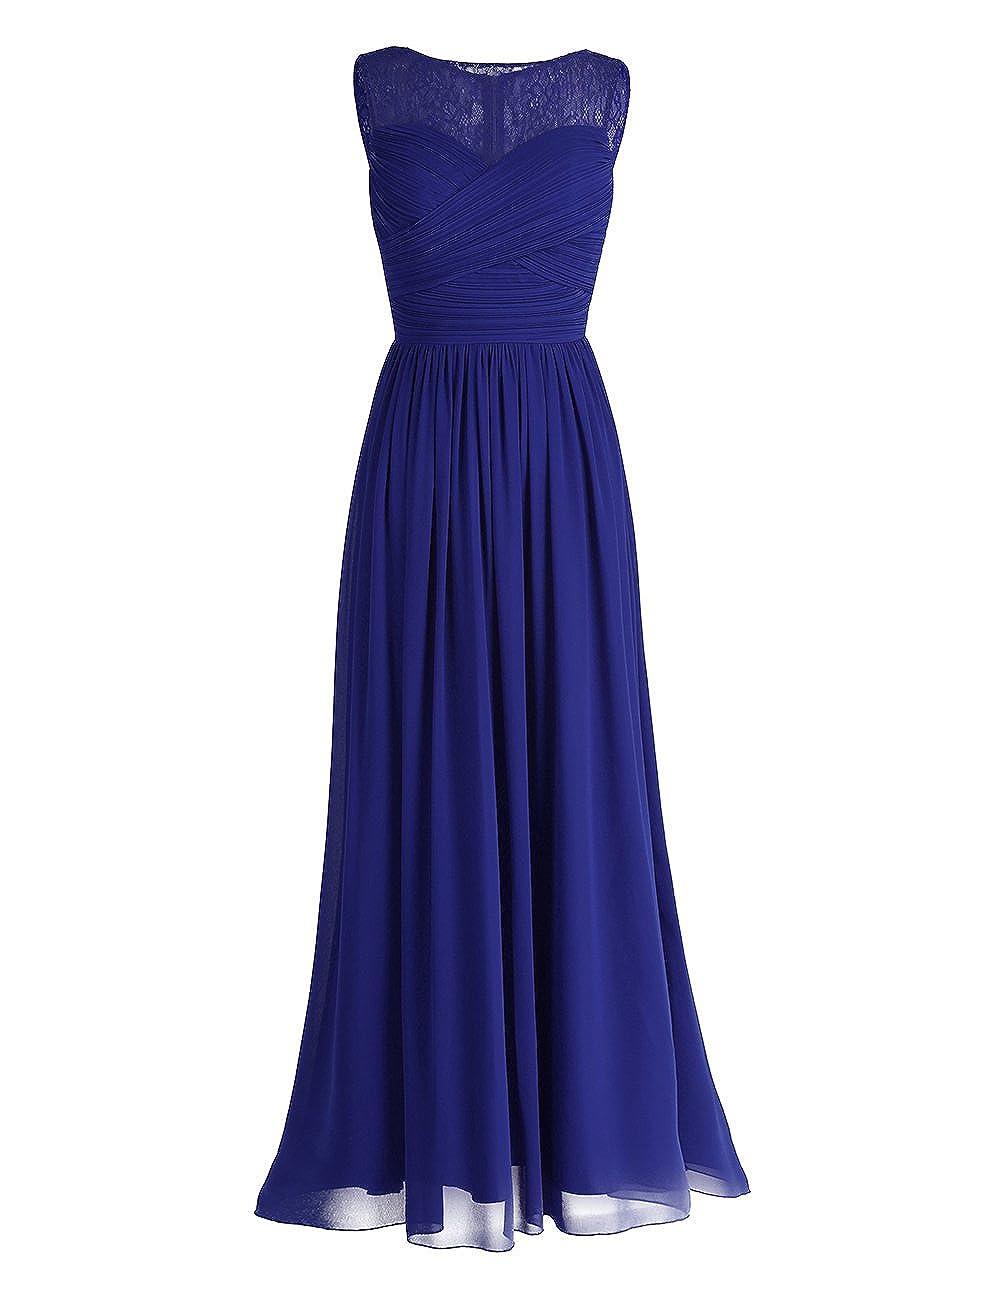 iEFiEL Damen Kleid festlich Kleider Hochzeit elegant Abendkleid Cocktailkleid Chiffon Langes Brautjungfernkleid 34-46